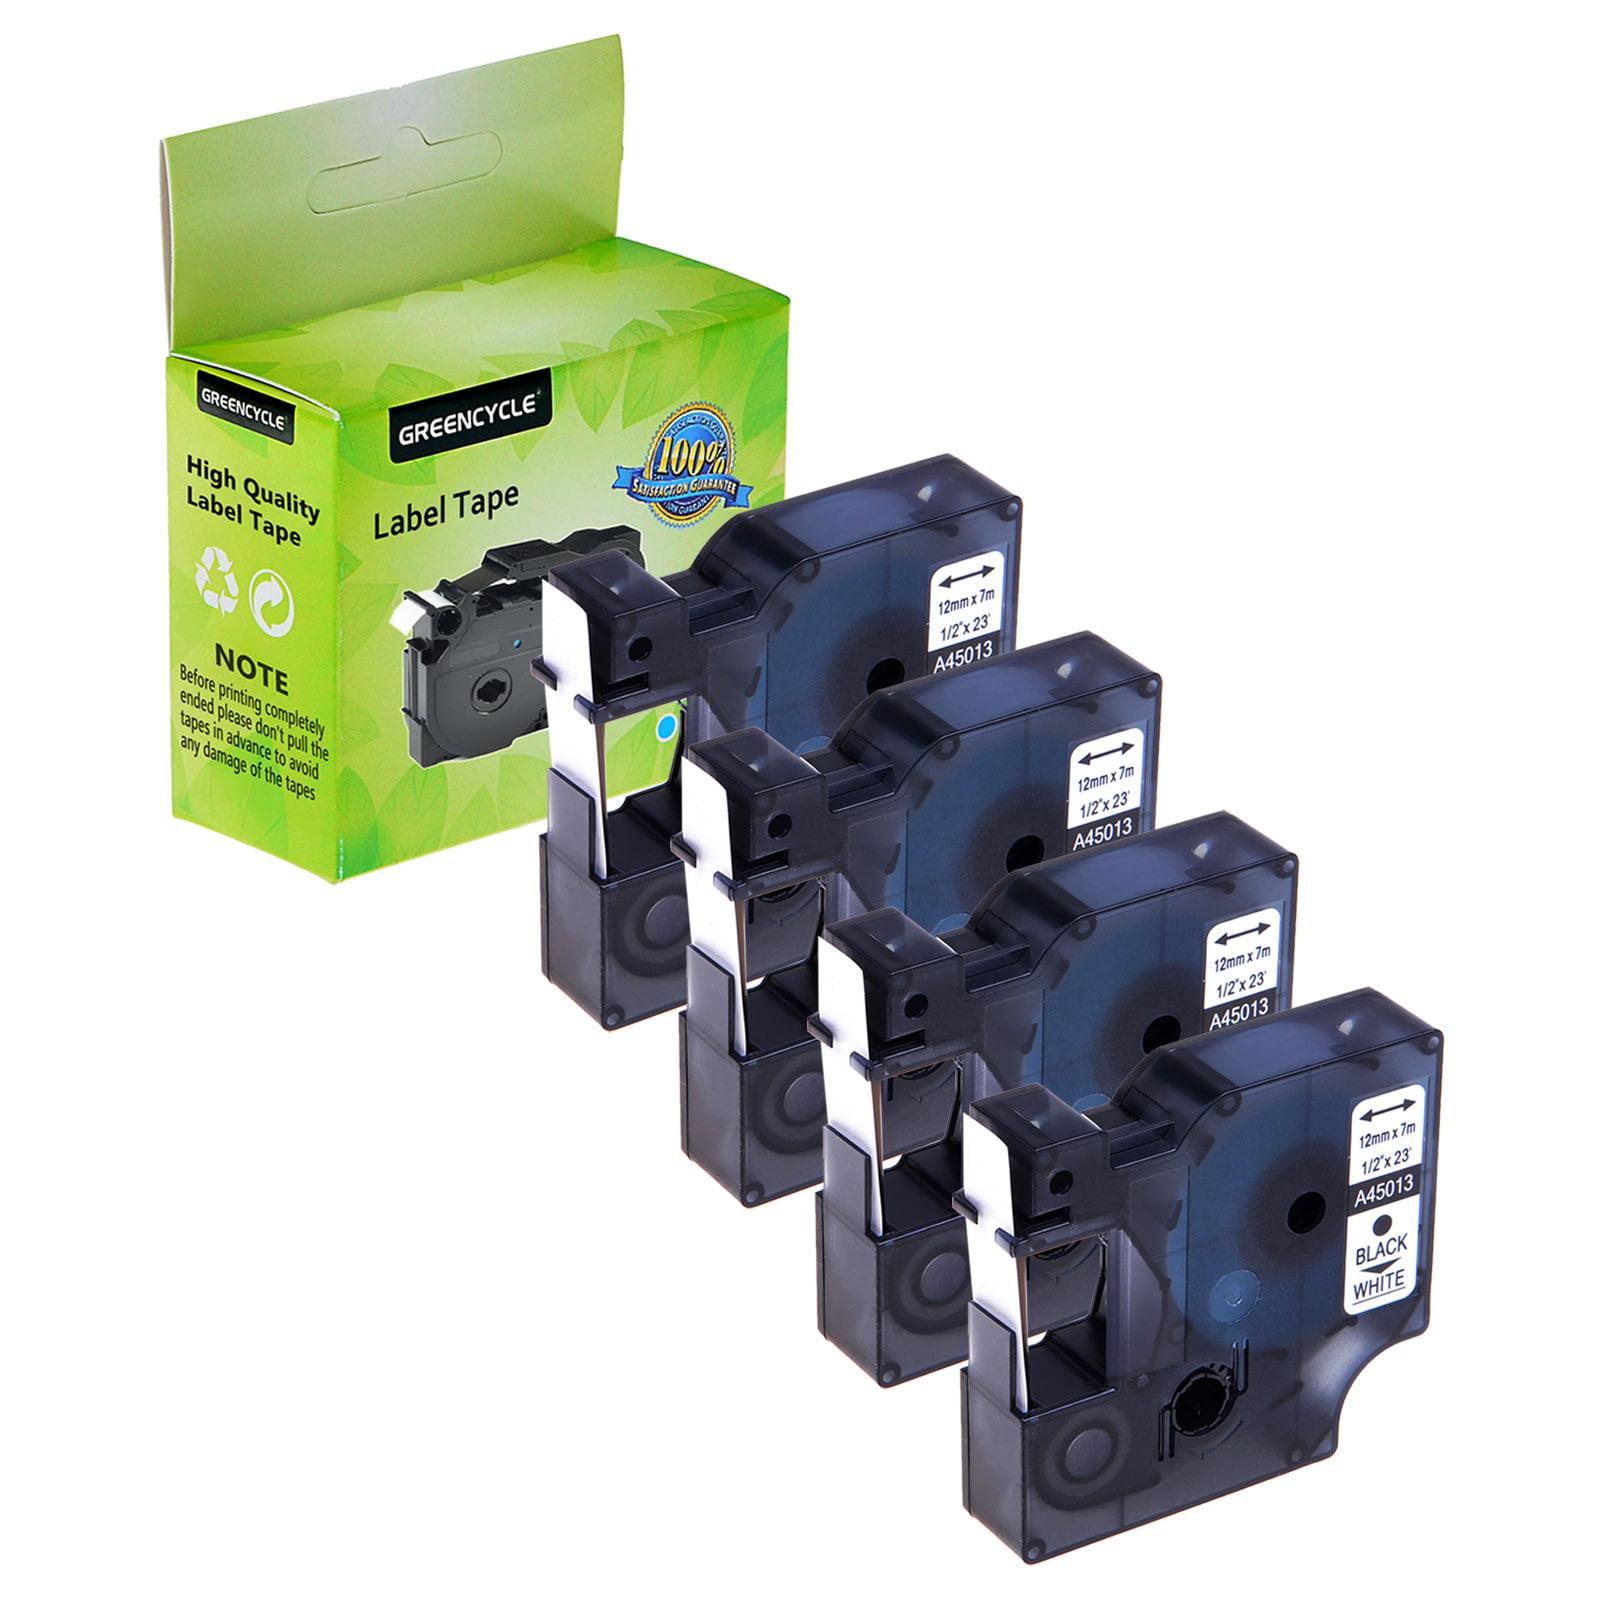 6 PK 12mm Black on White 45013 Tape For Dymo D1 Label Maker LabelManager 160 200